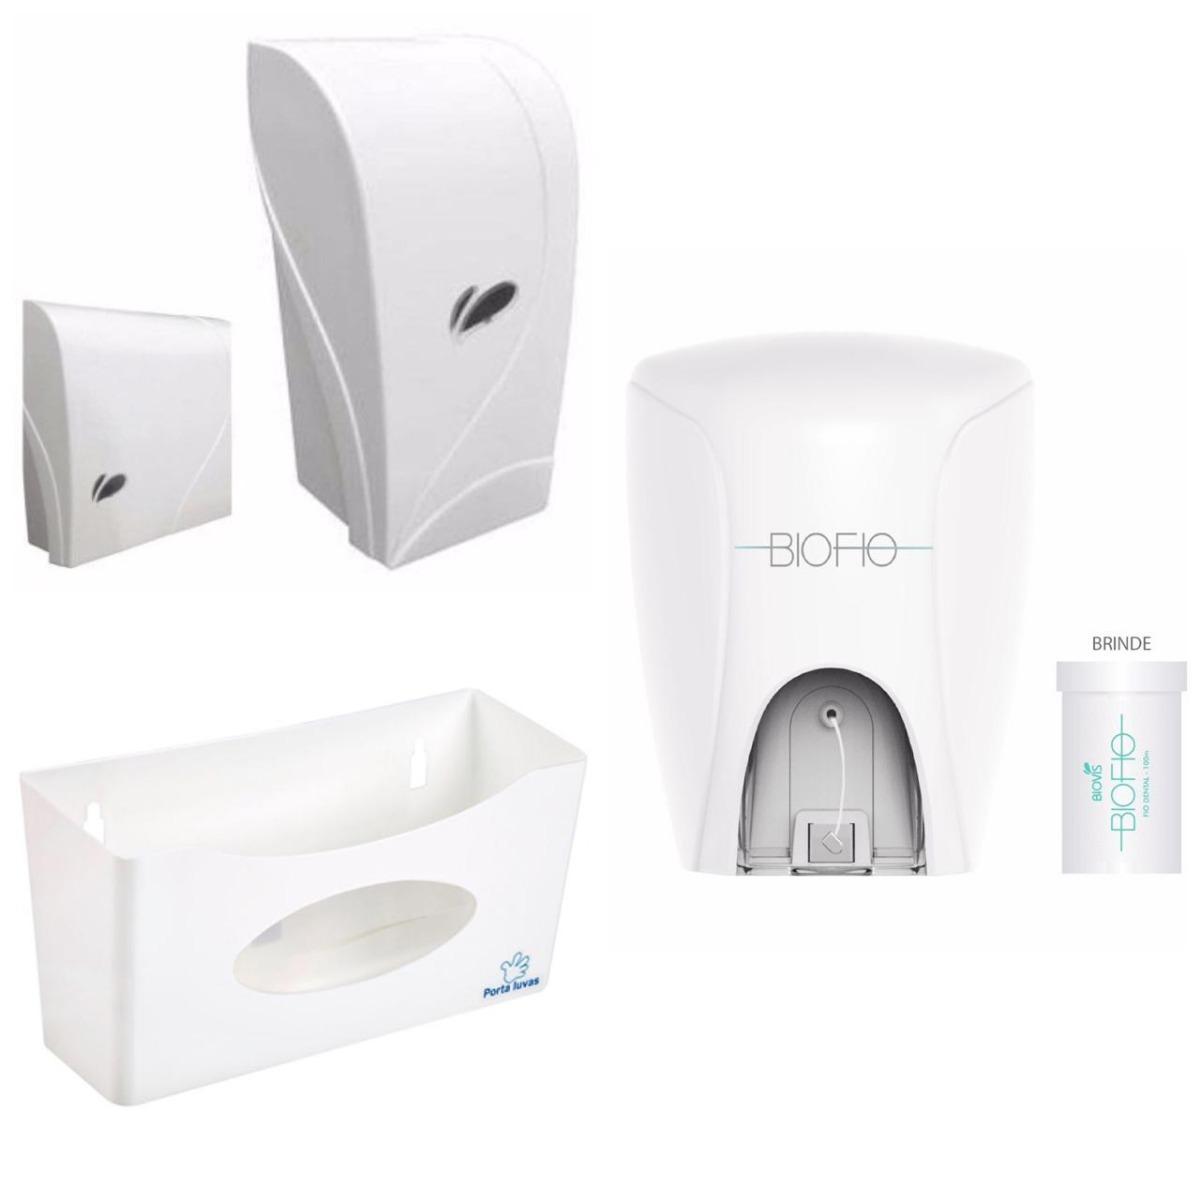 f4fe437bd toalheiro saboneteira porta luva dispenser fio dental biovis. Carregando  zoom.